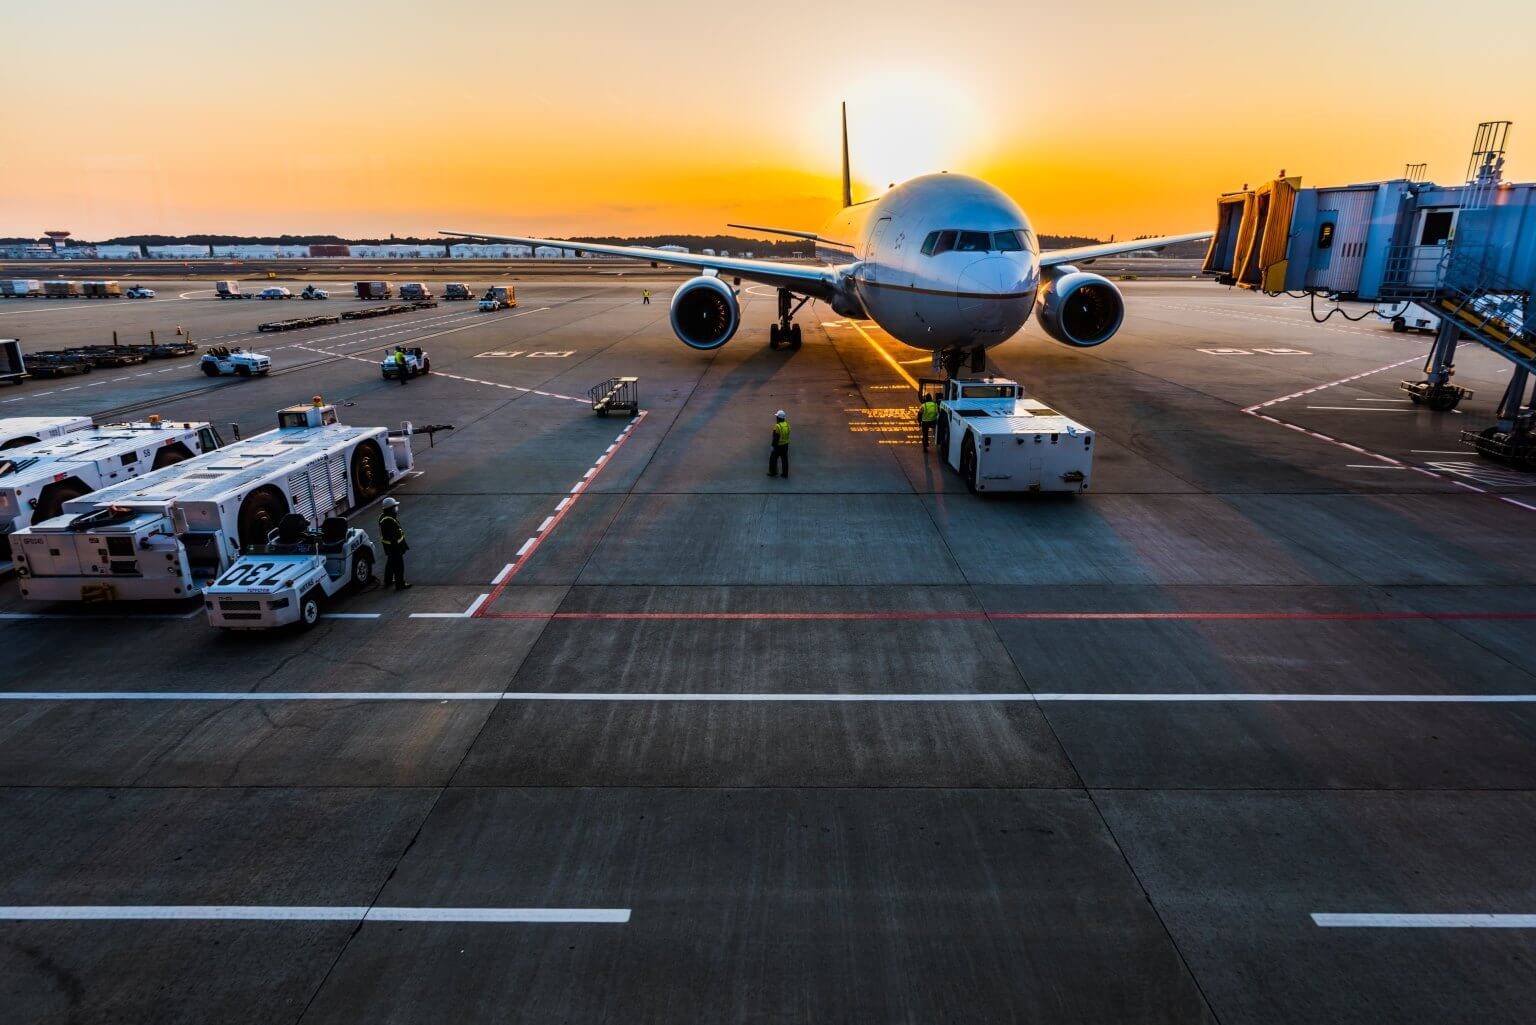 Казахстан может открыть авиасообщение с Таиландом в августе